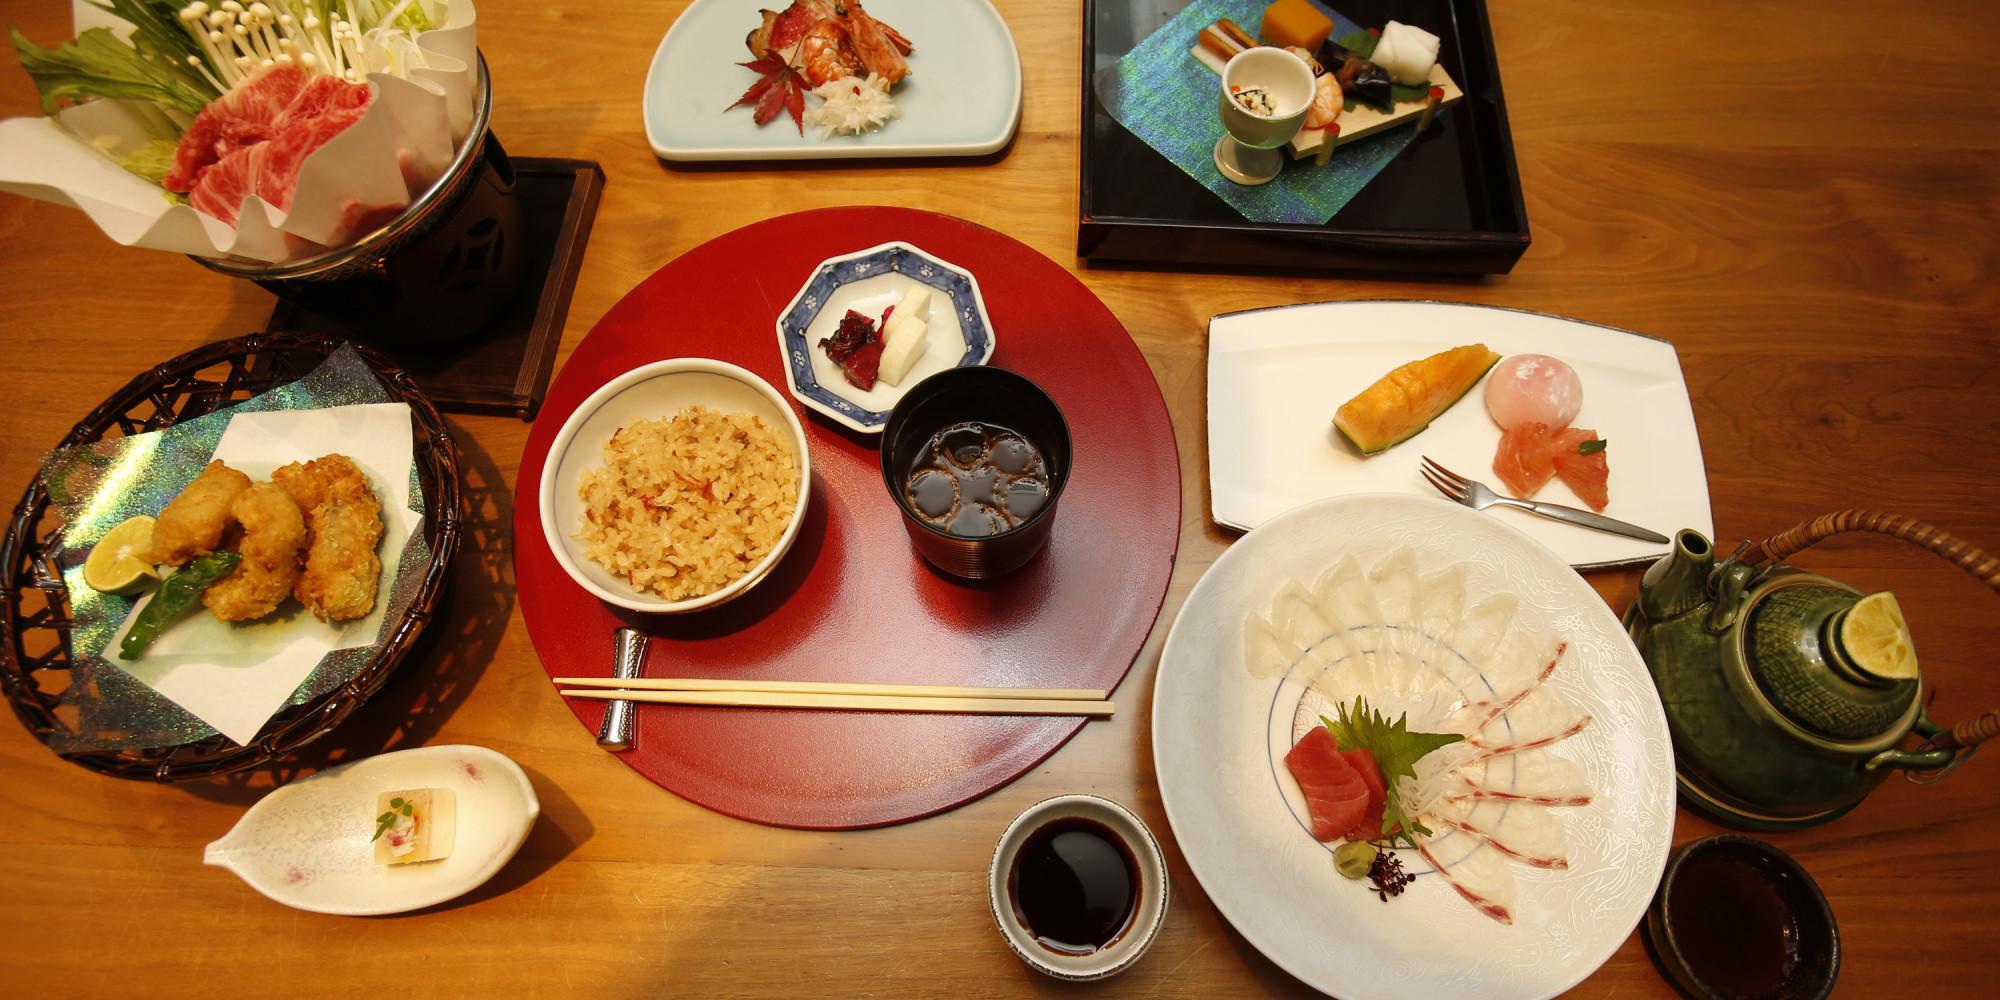 Cuisine japonaise patrimoine mondial de l'UNESCO